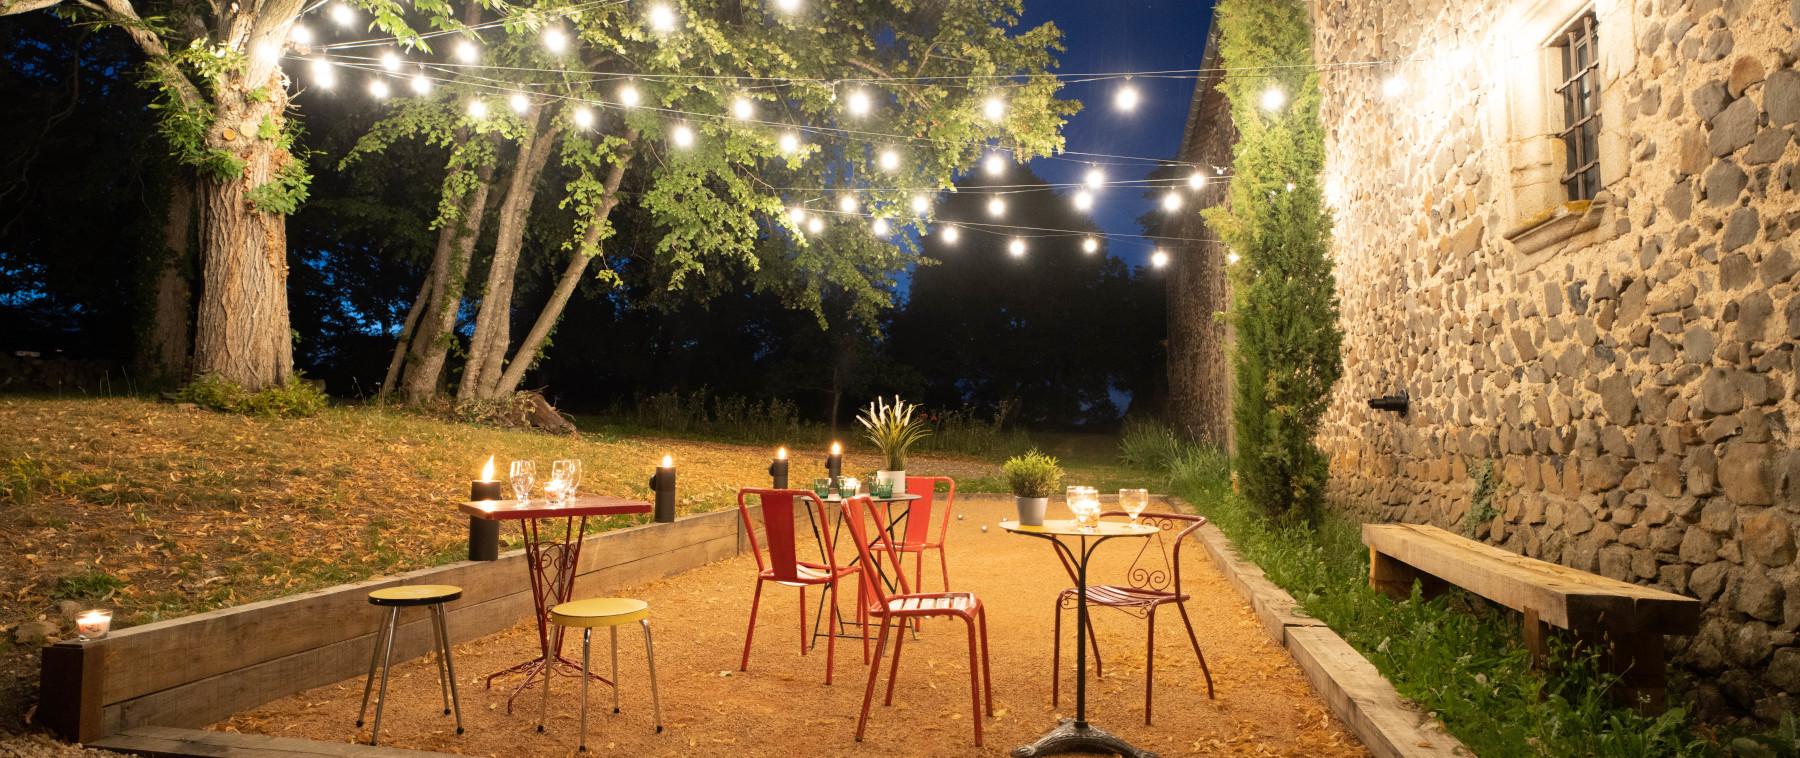 Photo du décor d'une cérémonie de mariage organisée dans les jardins du château de Bois Rigaud près de Clermont-Ferrand